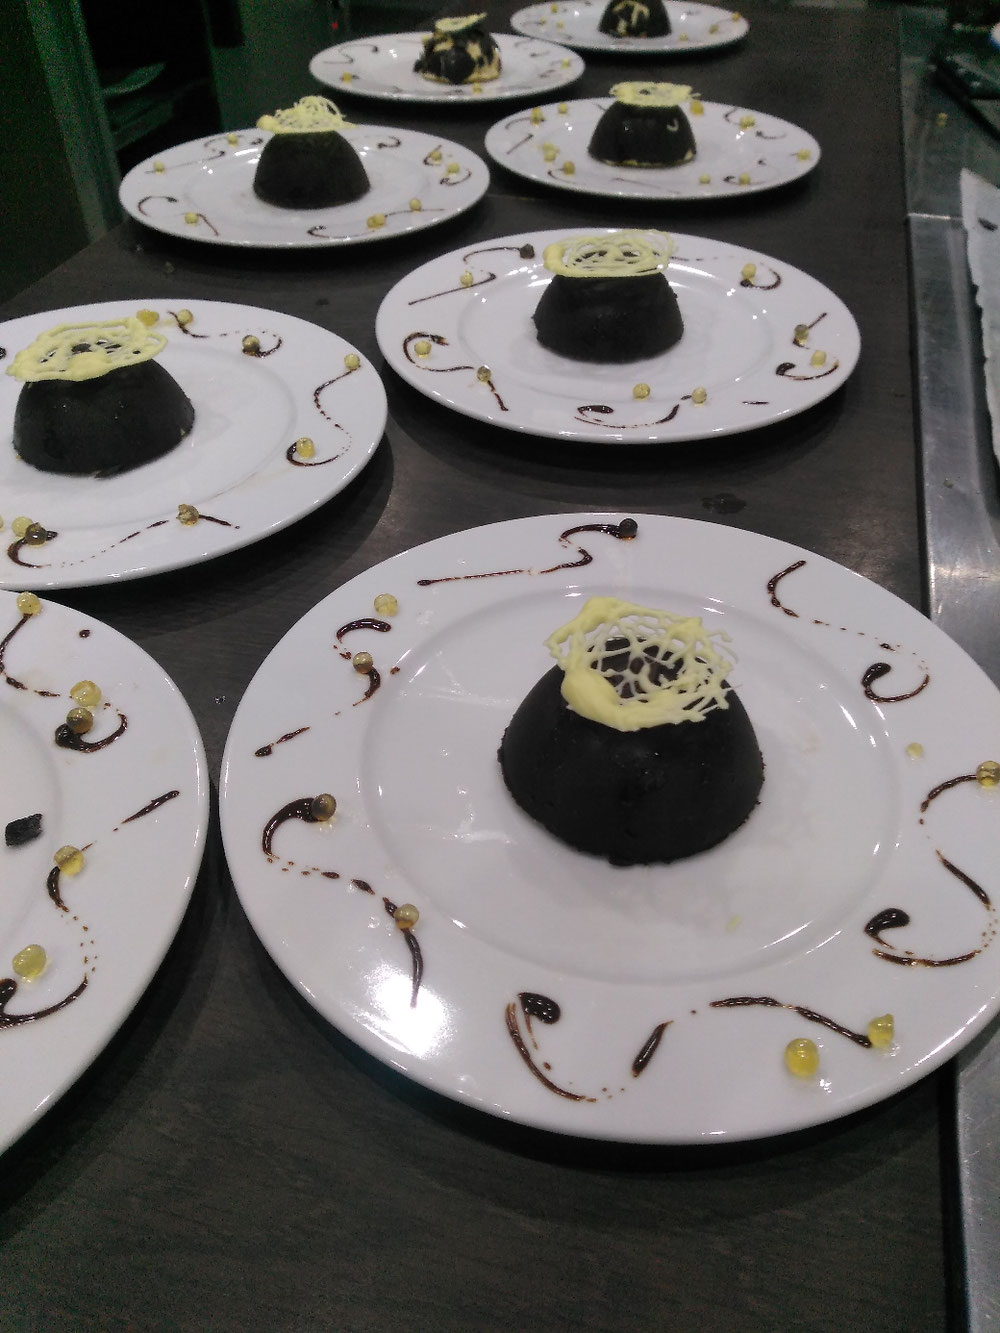 Domme chocolat mousse bavaroise aux rhum et crème de châtaignes